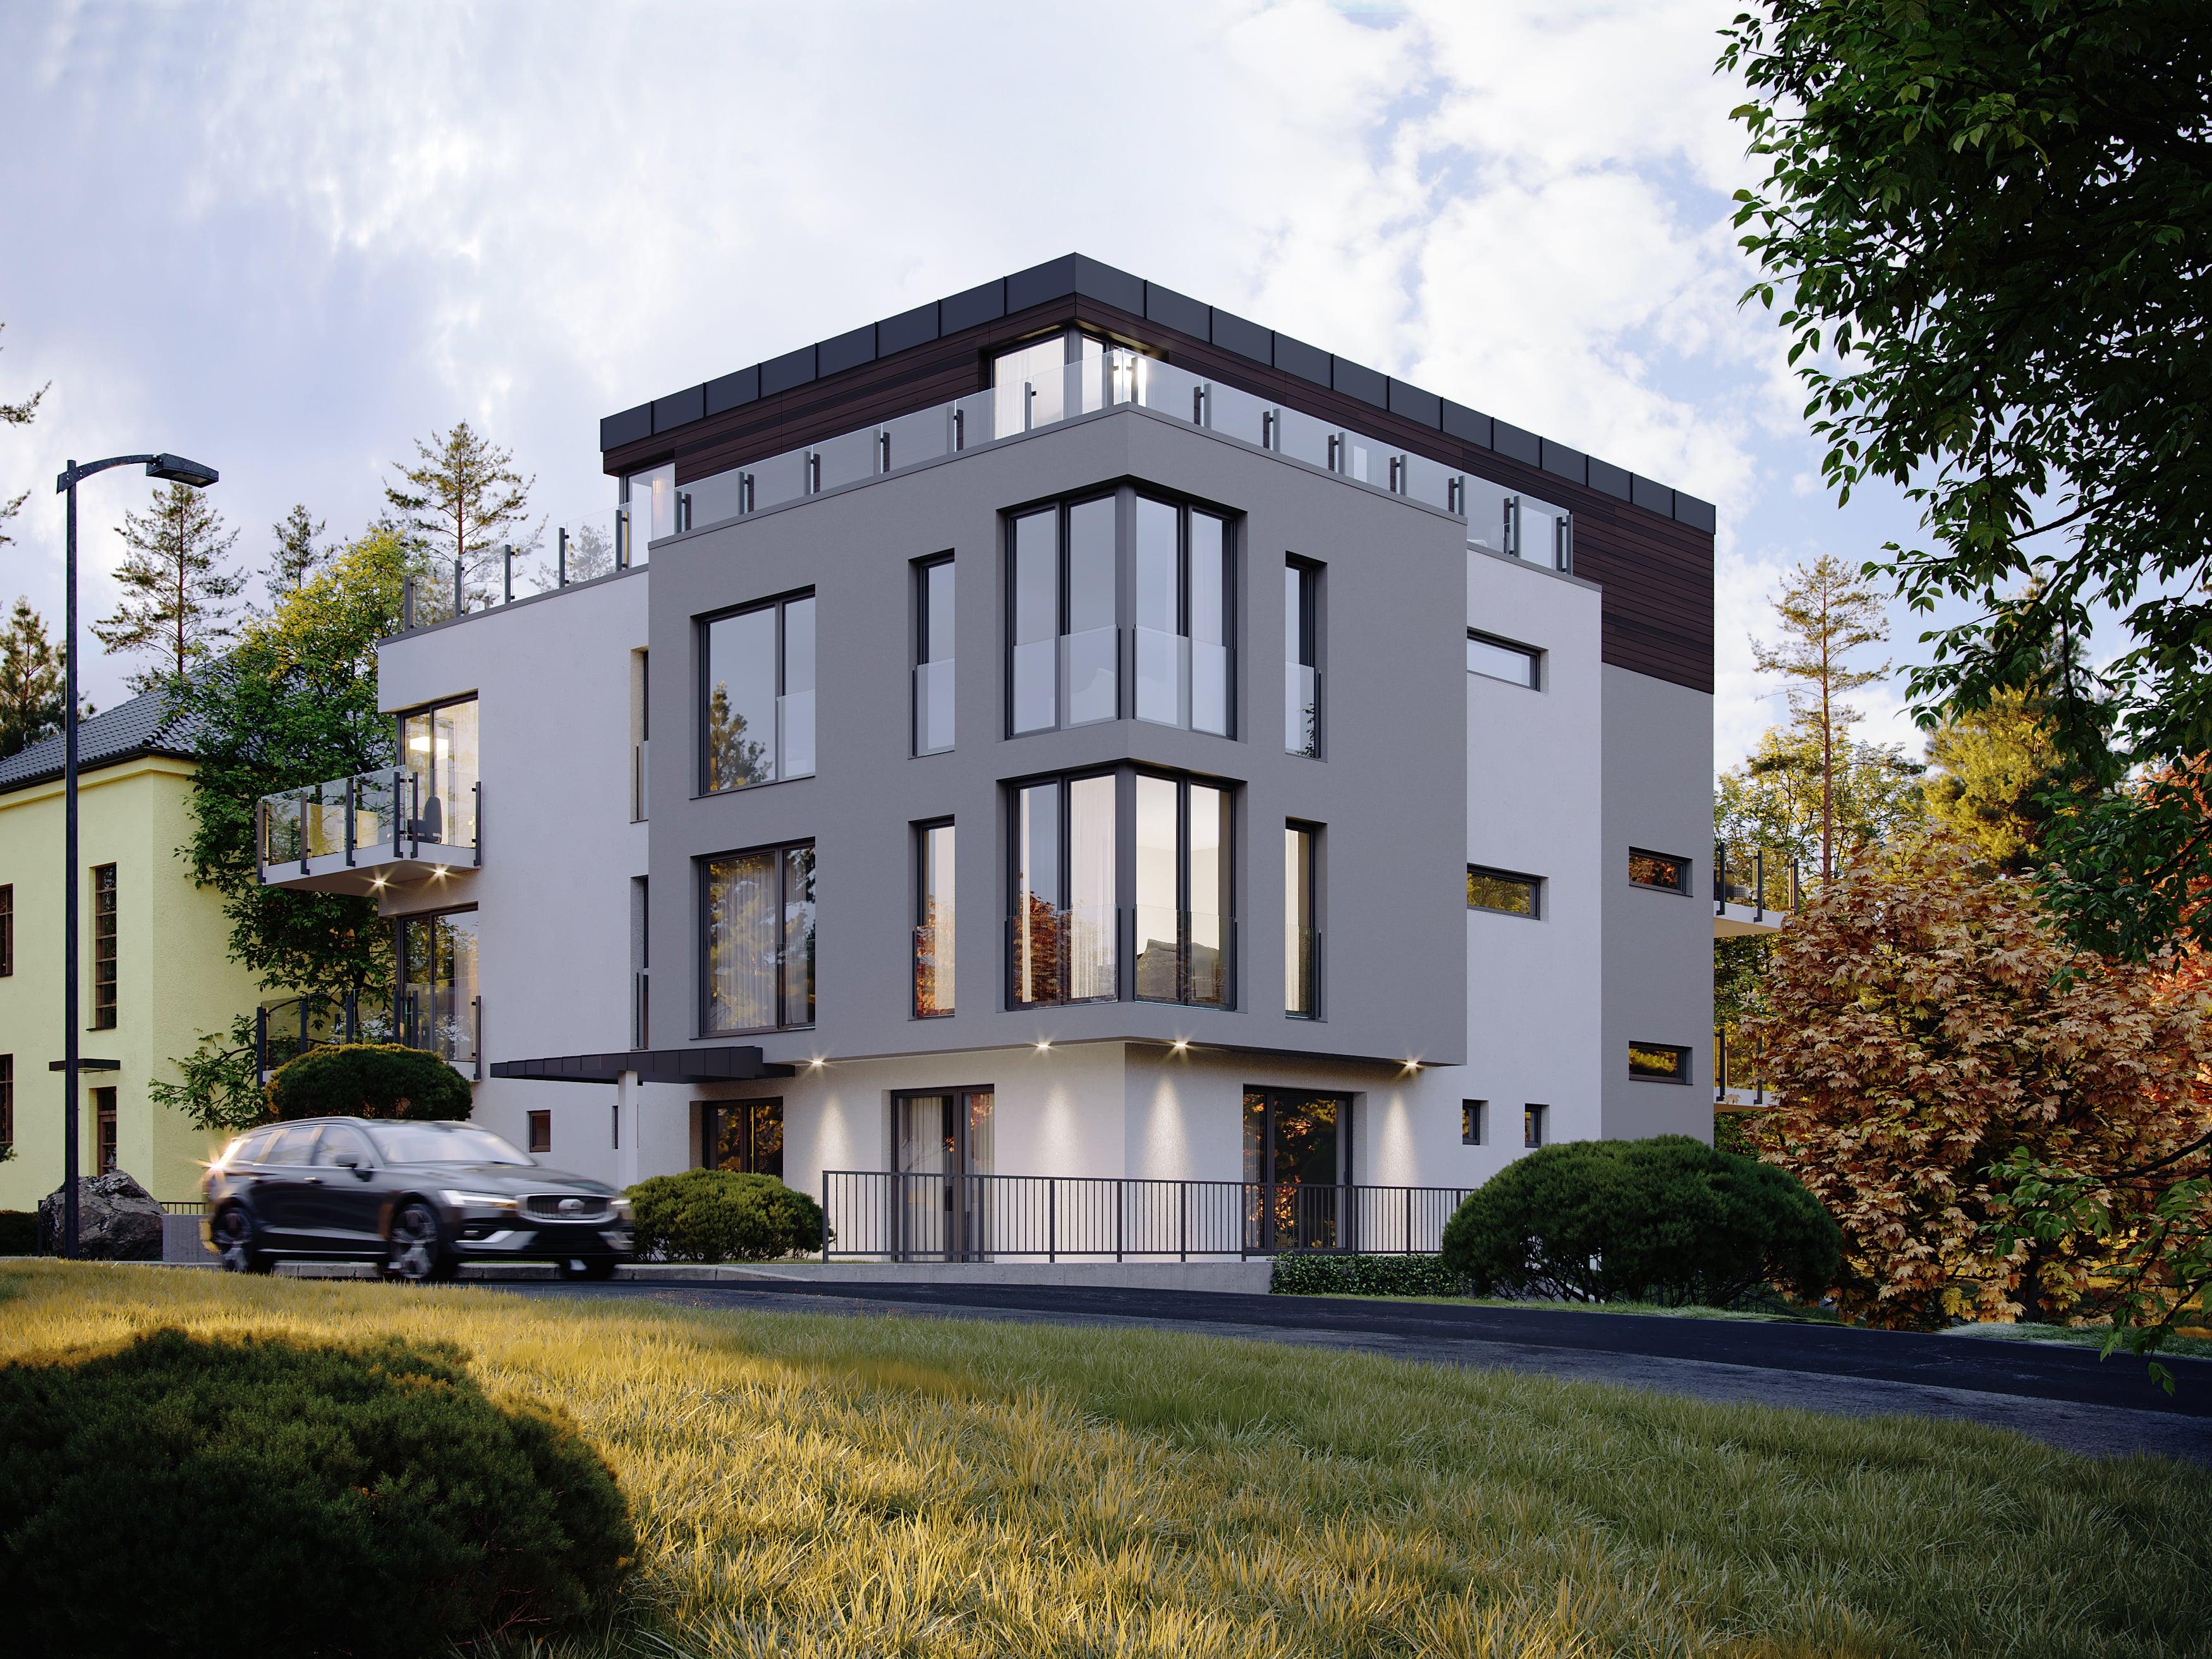 Luxusní byty u Rokytky. Bytový dům Riviéra Rokytka Praha 9 - Kyje. Developer GARTAL